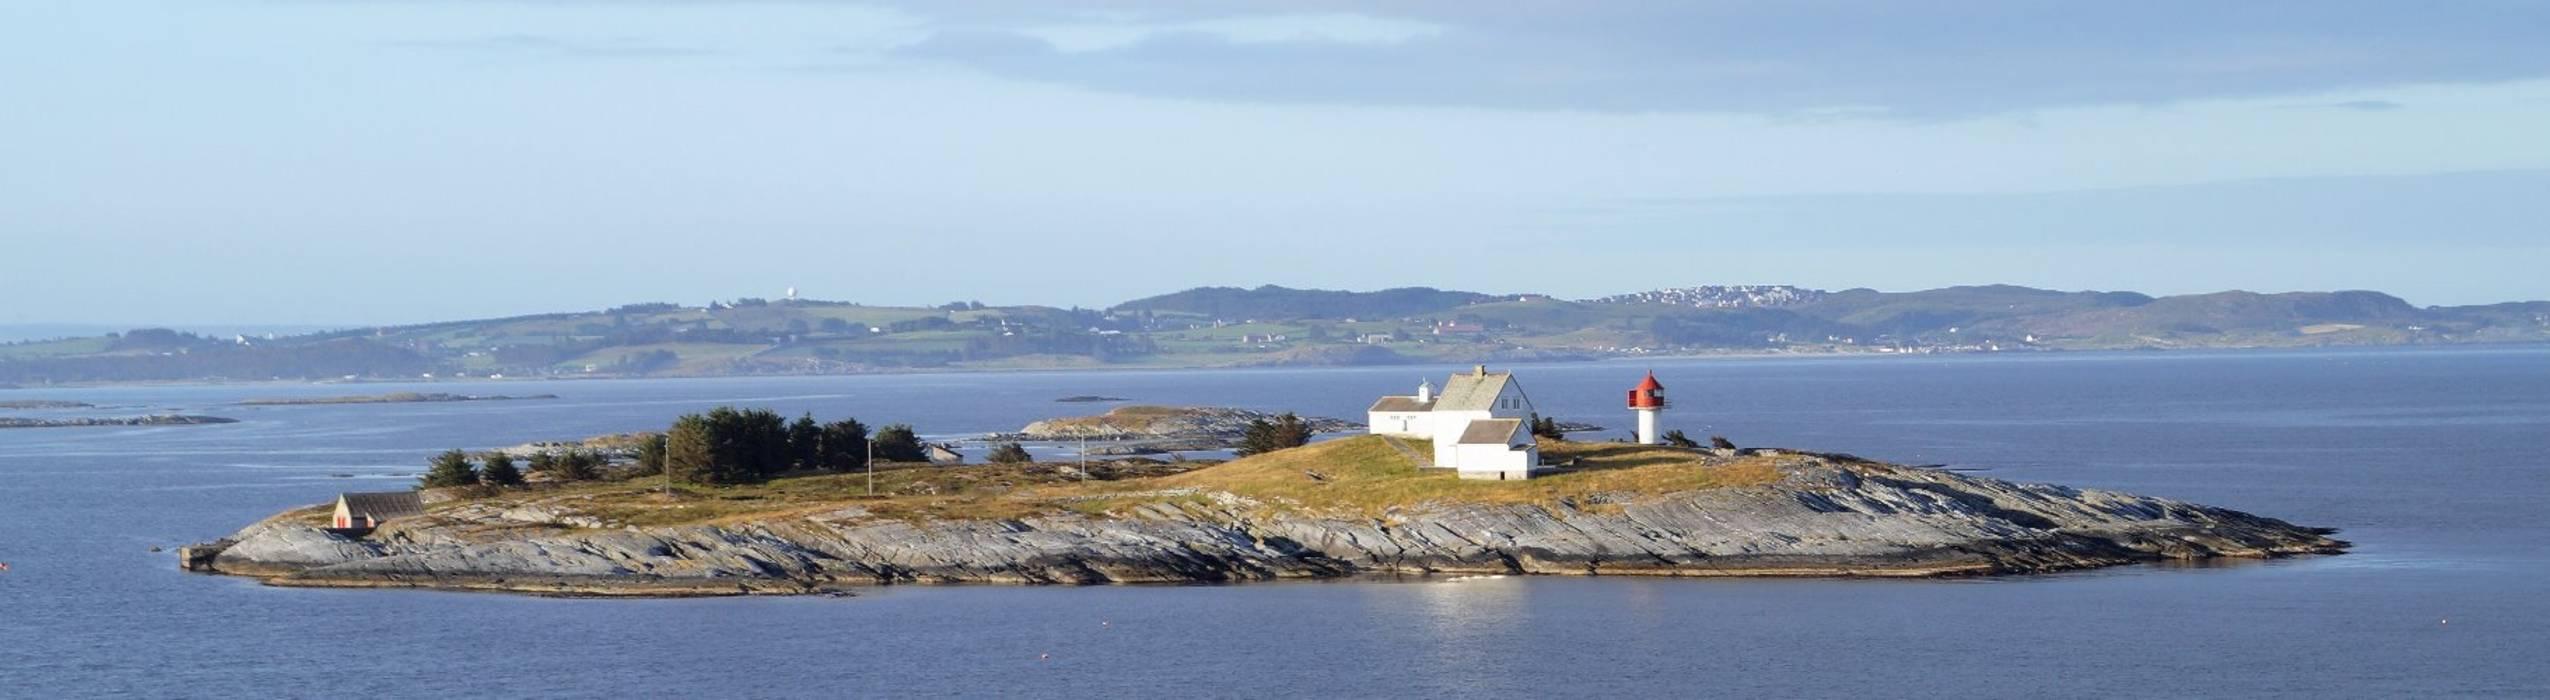 Yachtcharter Norwegen